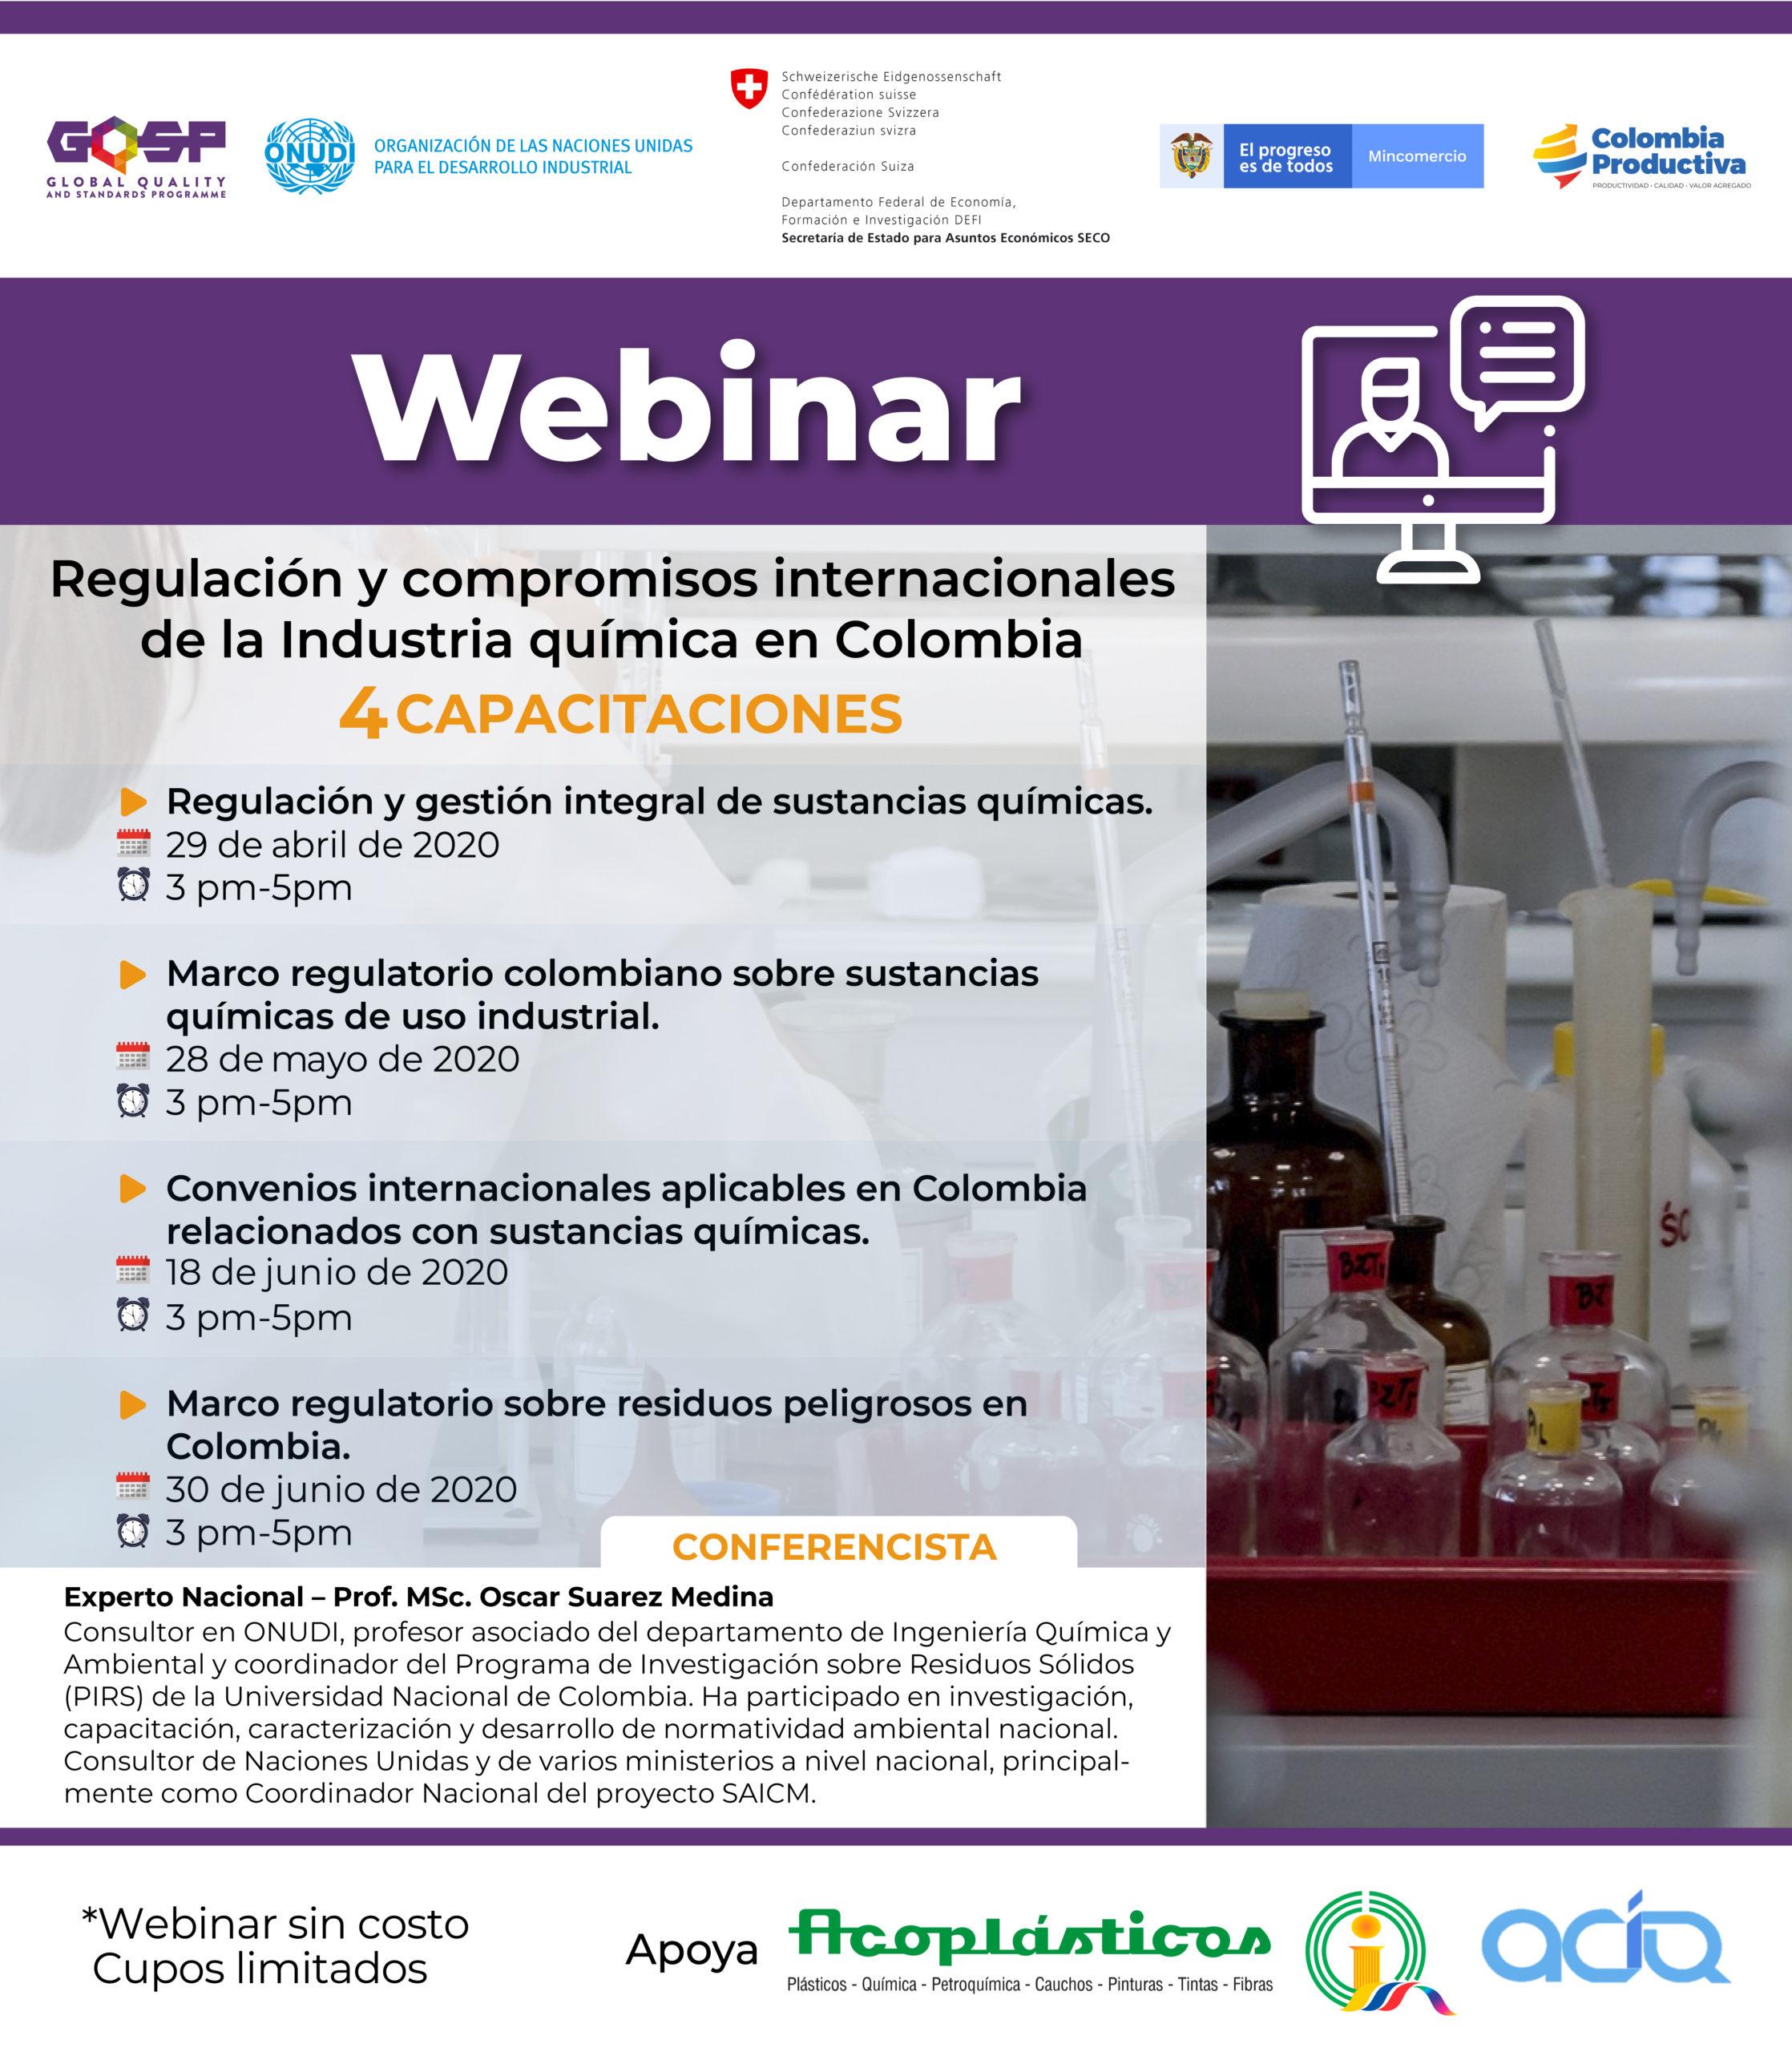 Conozca la regulación y los compromisos internacionales de la industria química en Colombia, en esta serie de cuatro webinars gratuitos. ...